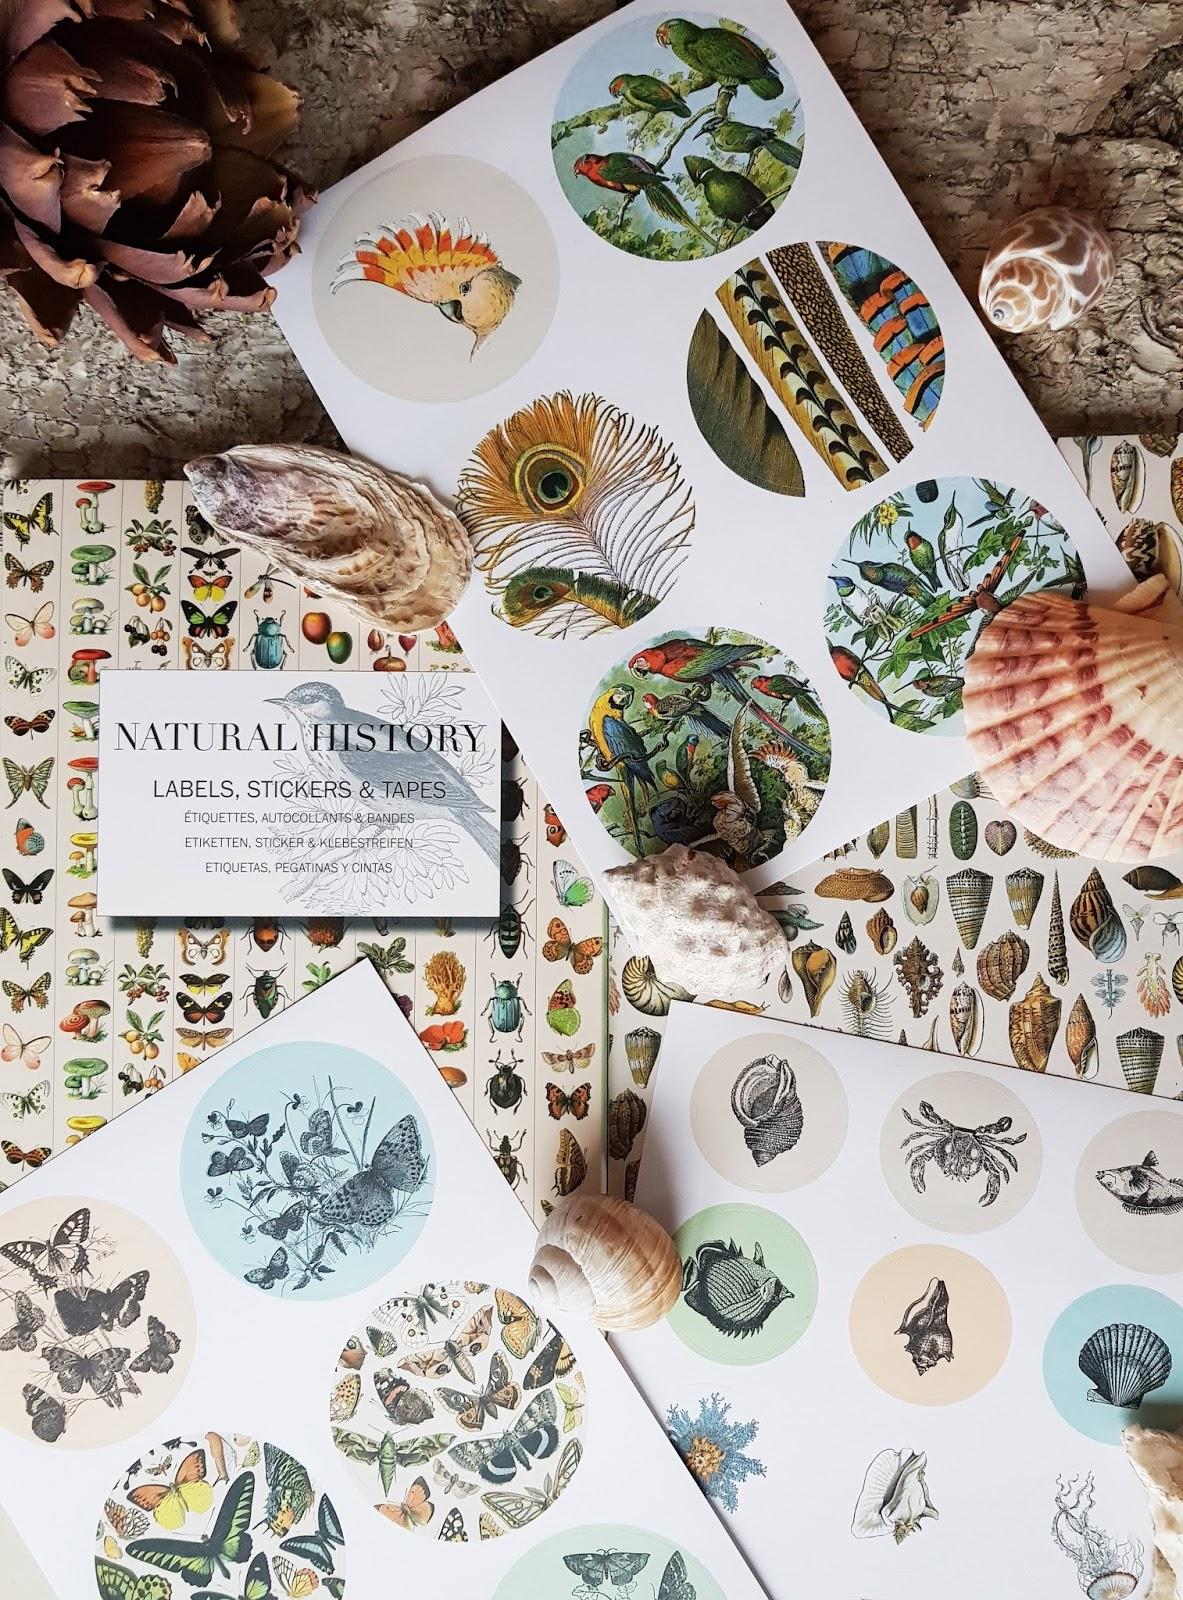 Dekorative Sticker mit botanisch natürlichen Motiven. Natural History mit kreativen Möglichkeiten